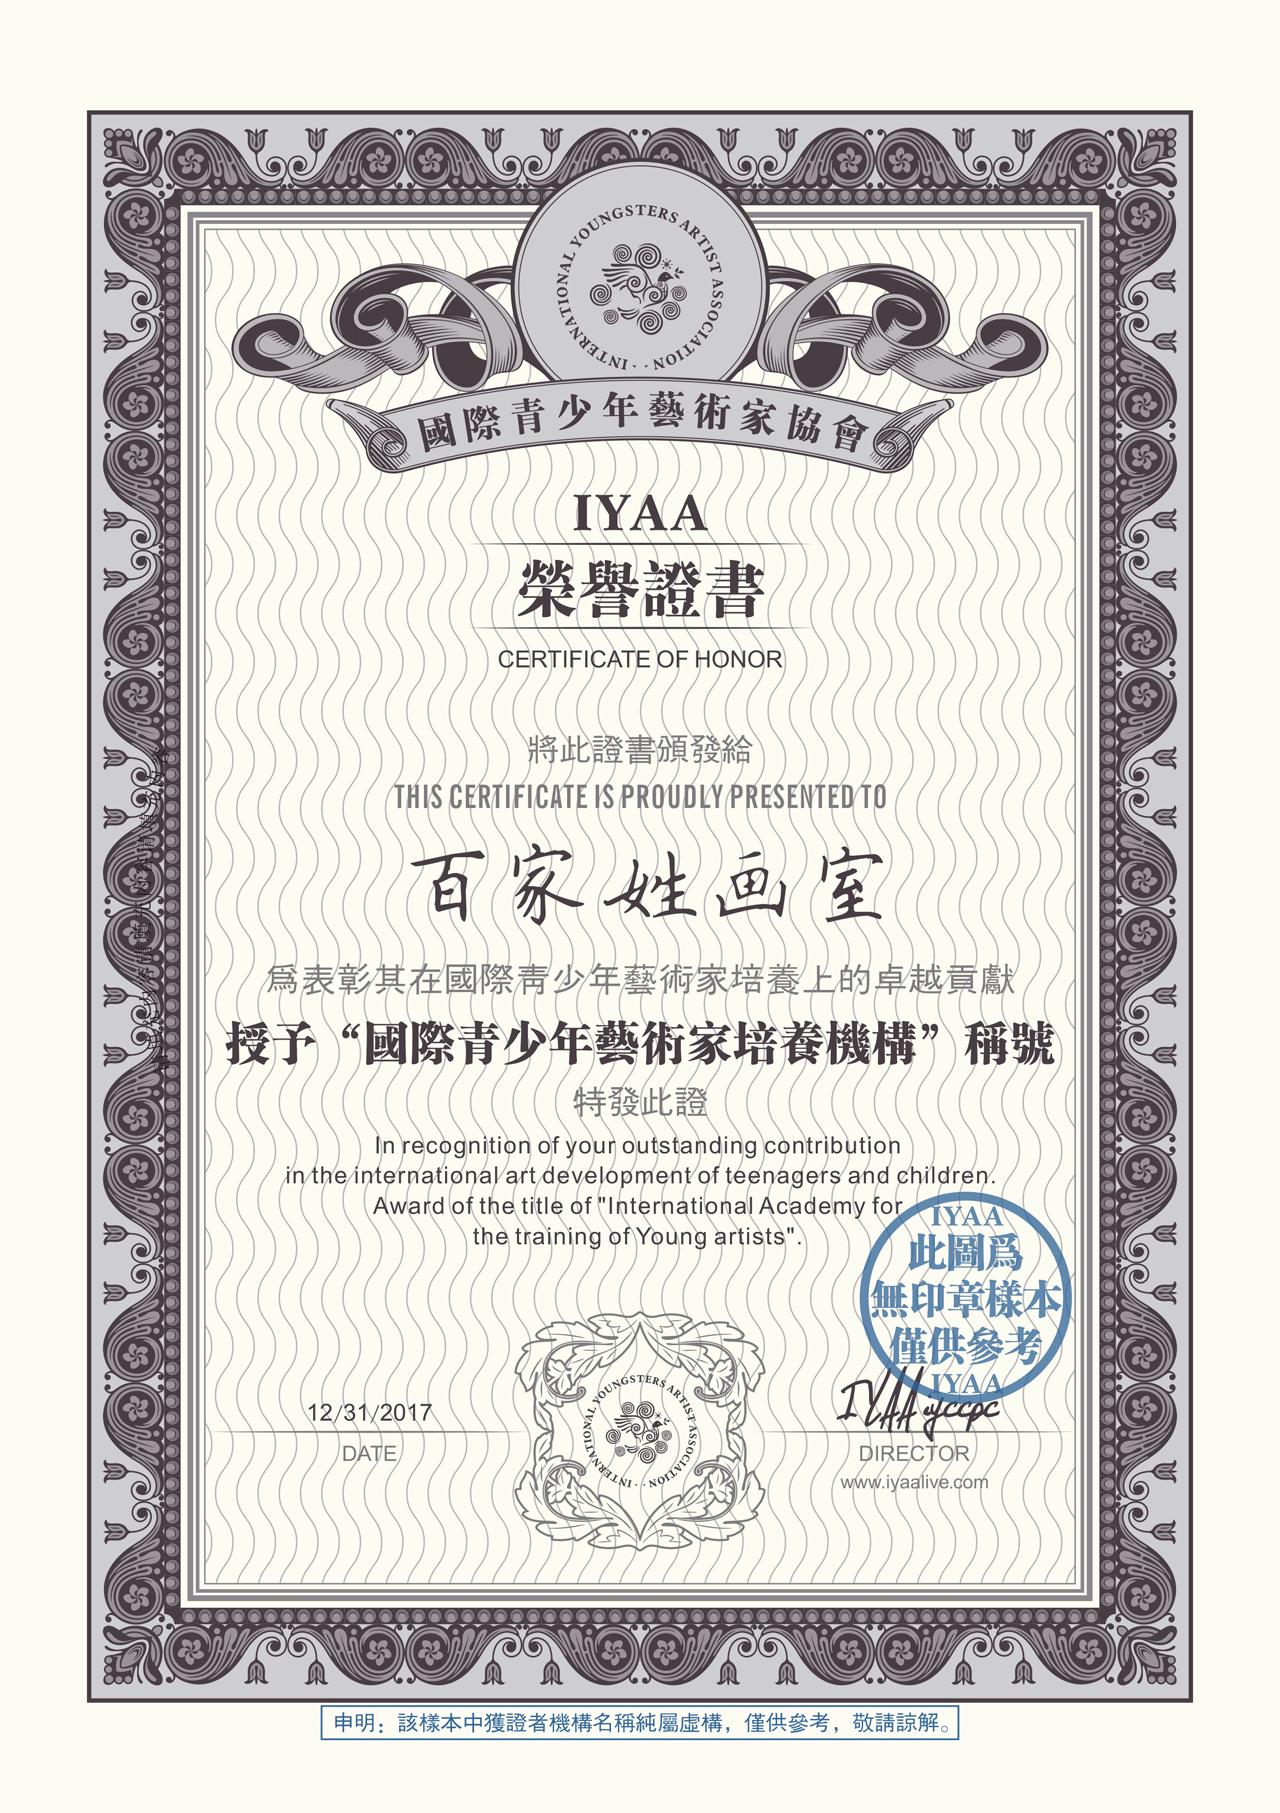 IYAA_國際青少年藝術家培養機構榮譽證書